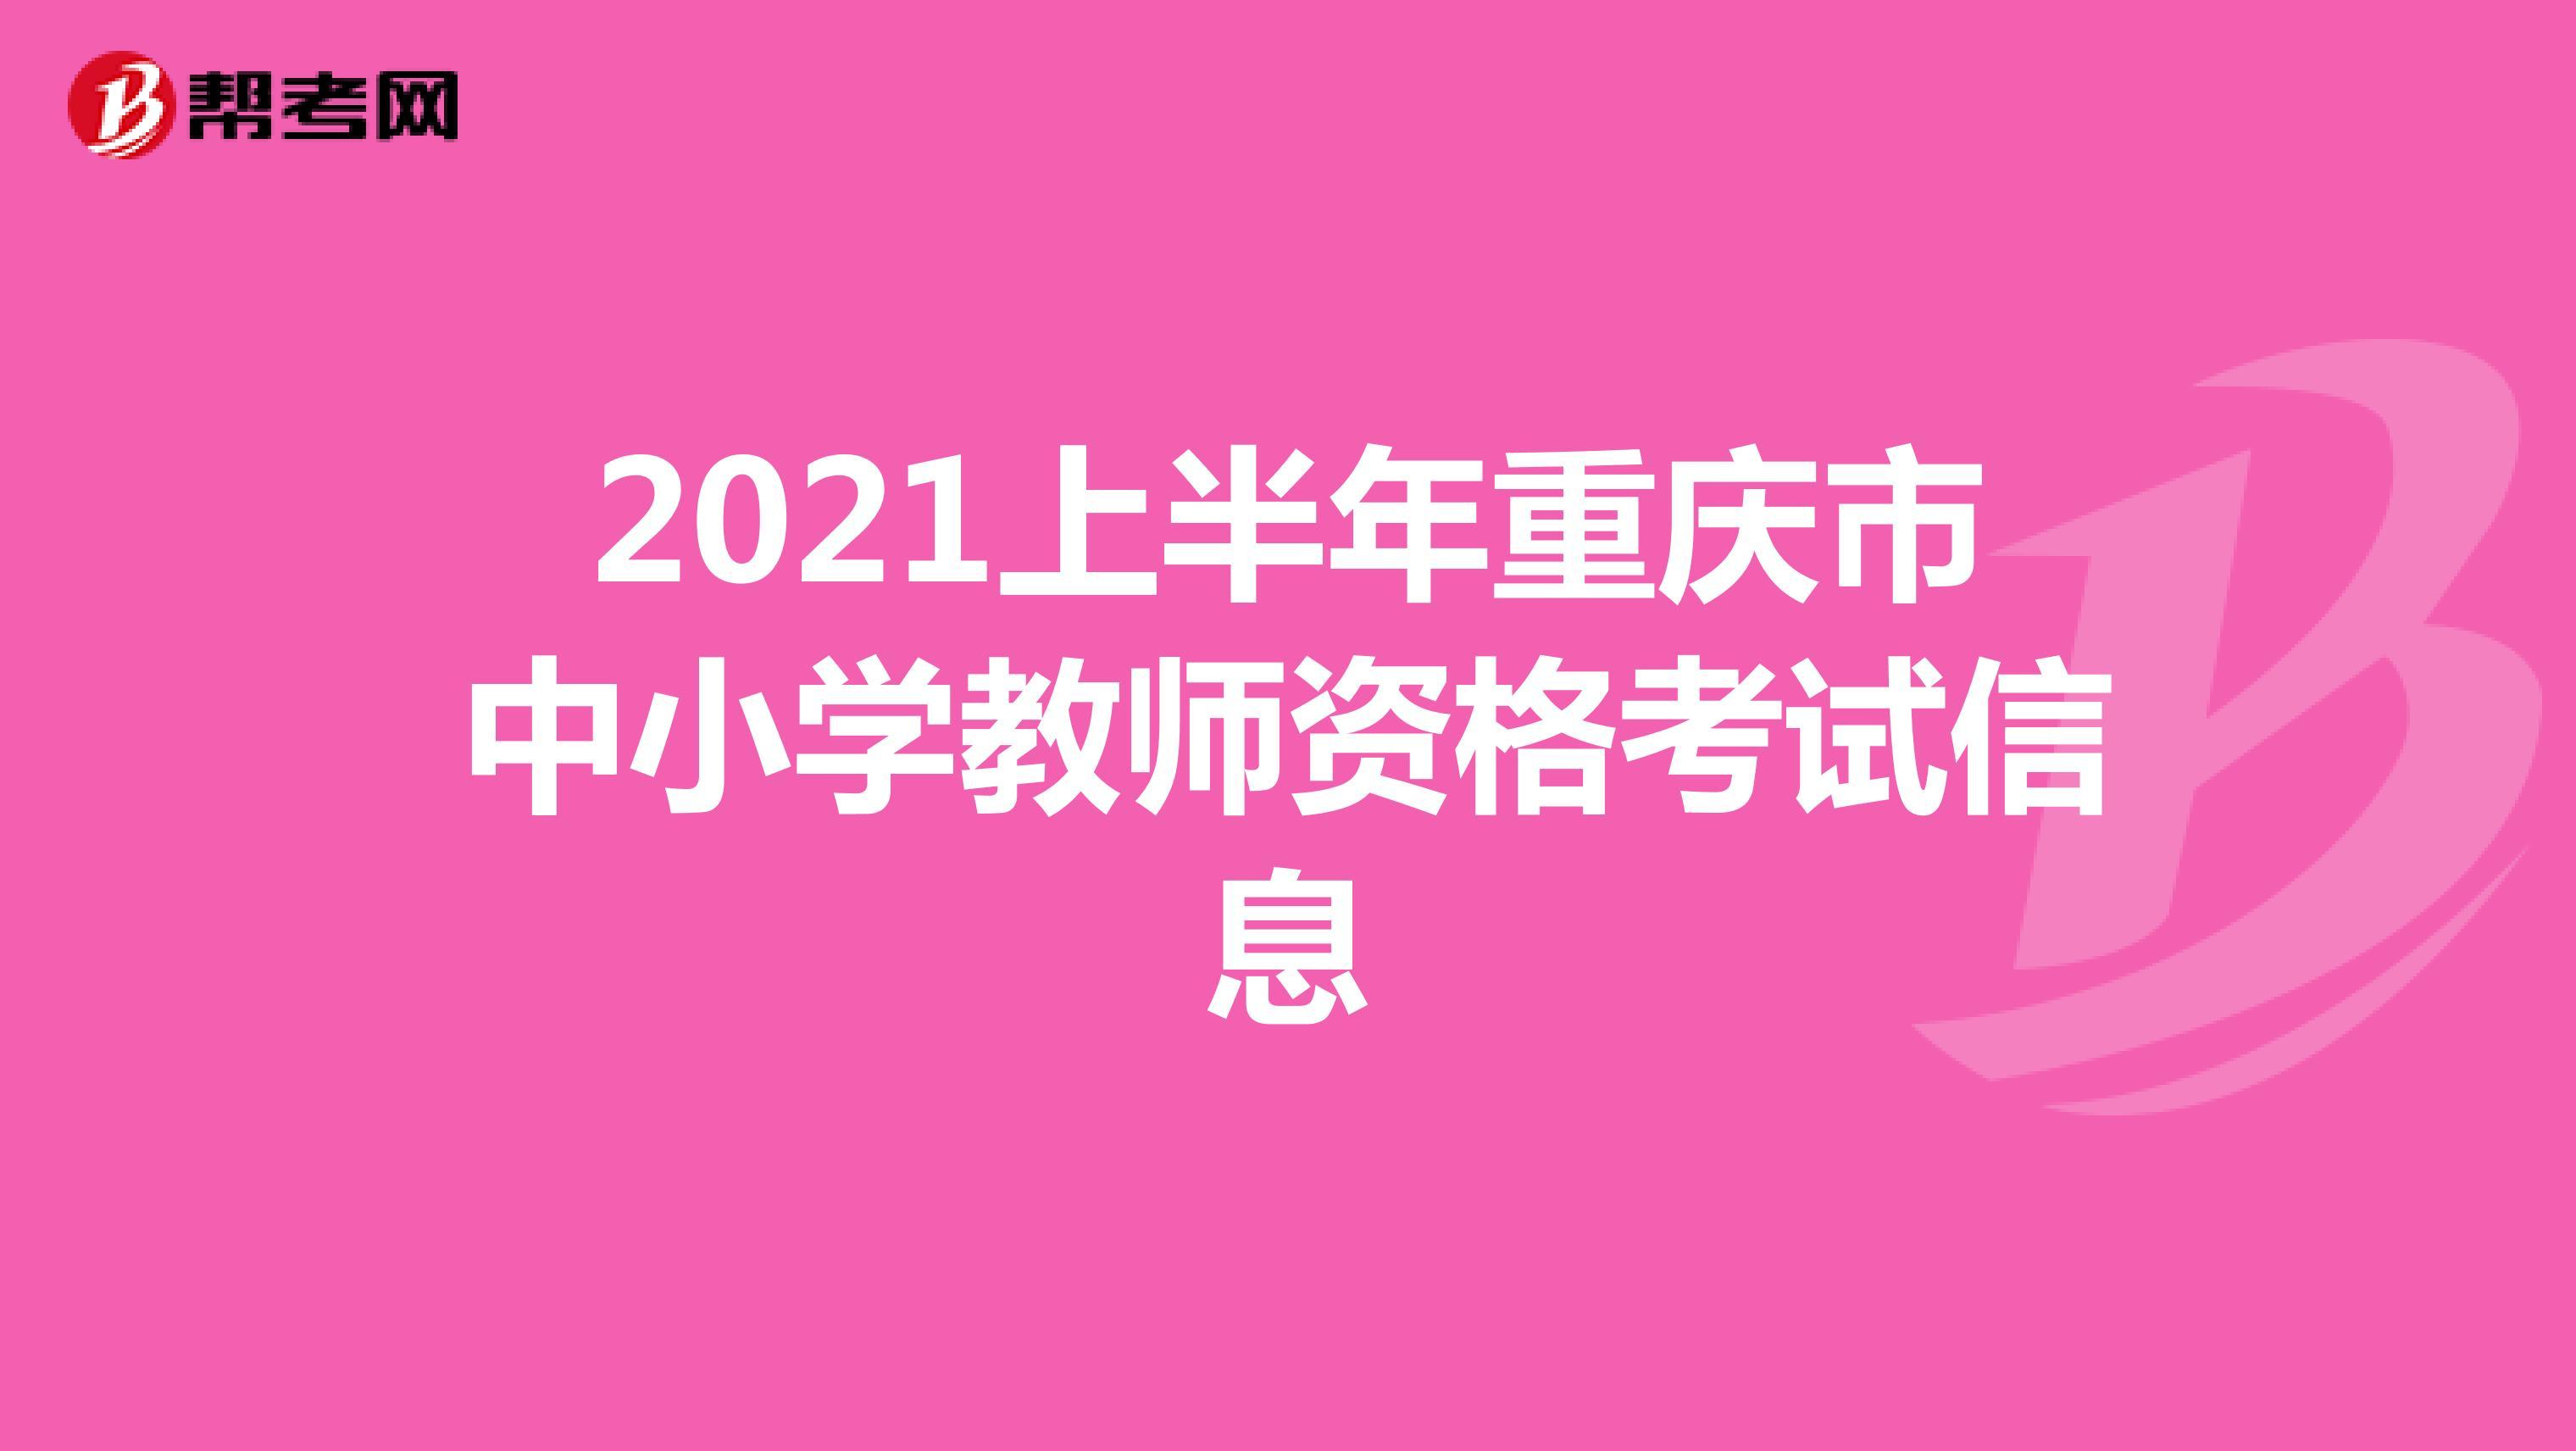 2021上半年重庆市中小学教师资格考试信息